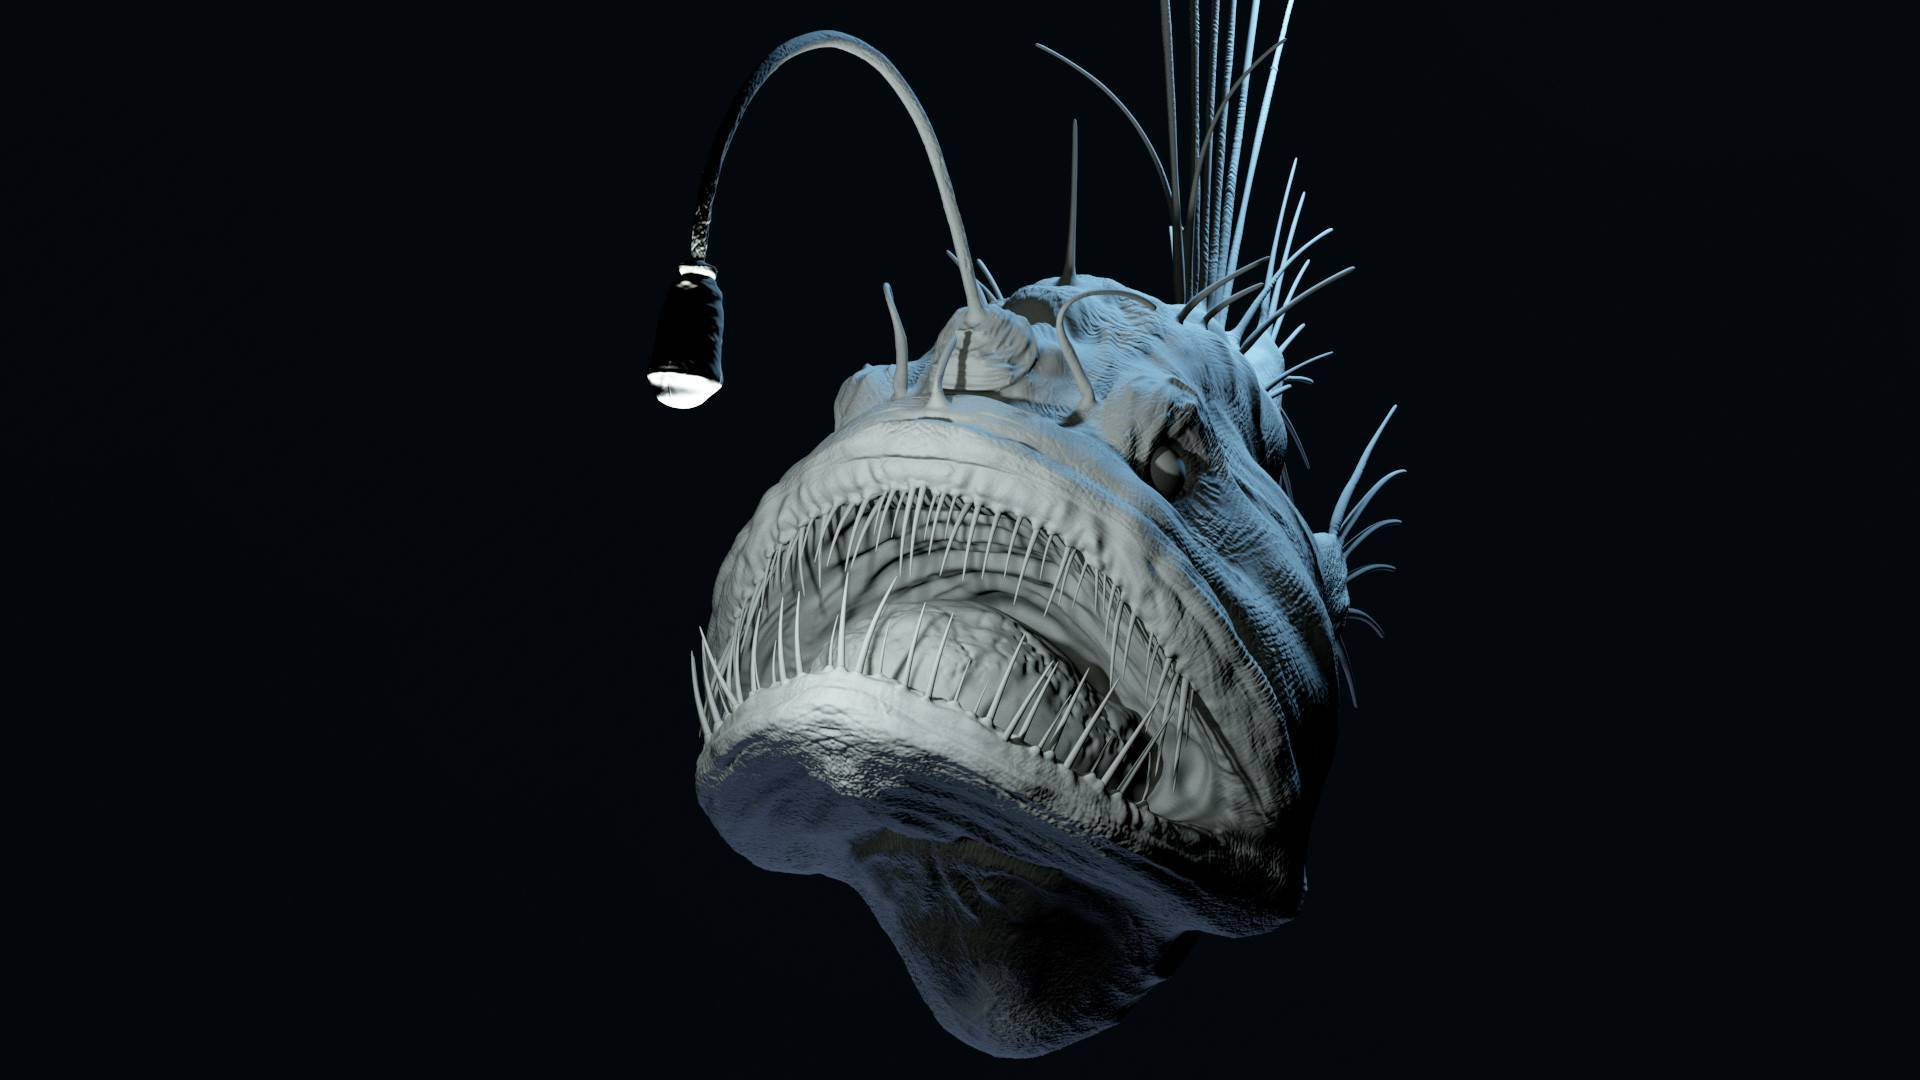 Подробности о рыбе «морской чёрт»: от среды обитания глубоководного удильщика до места в кулинарии